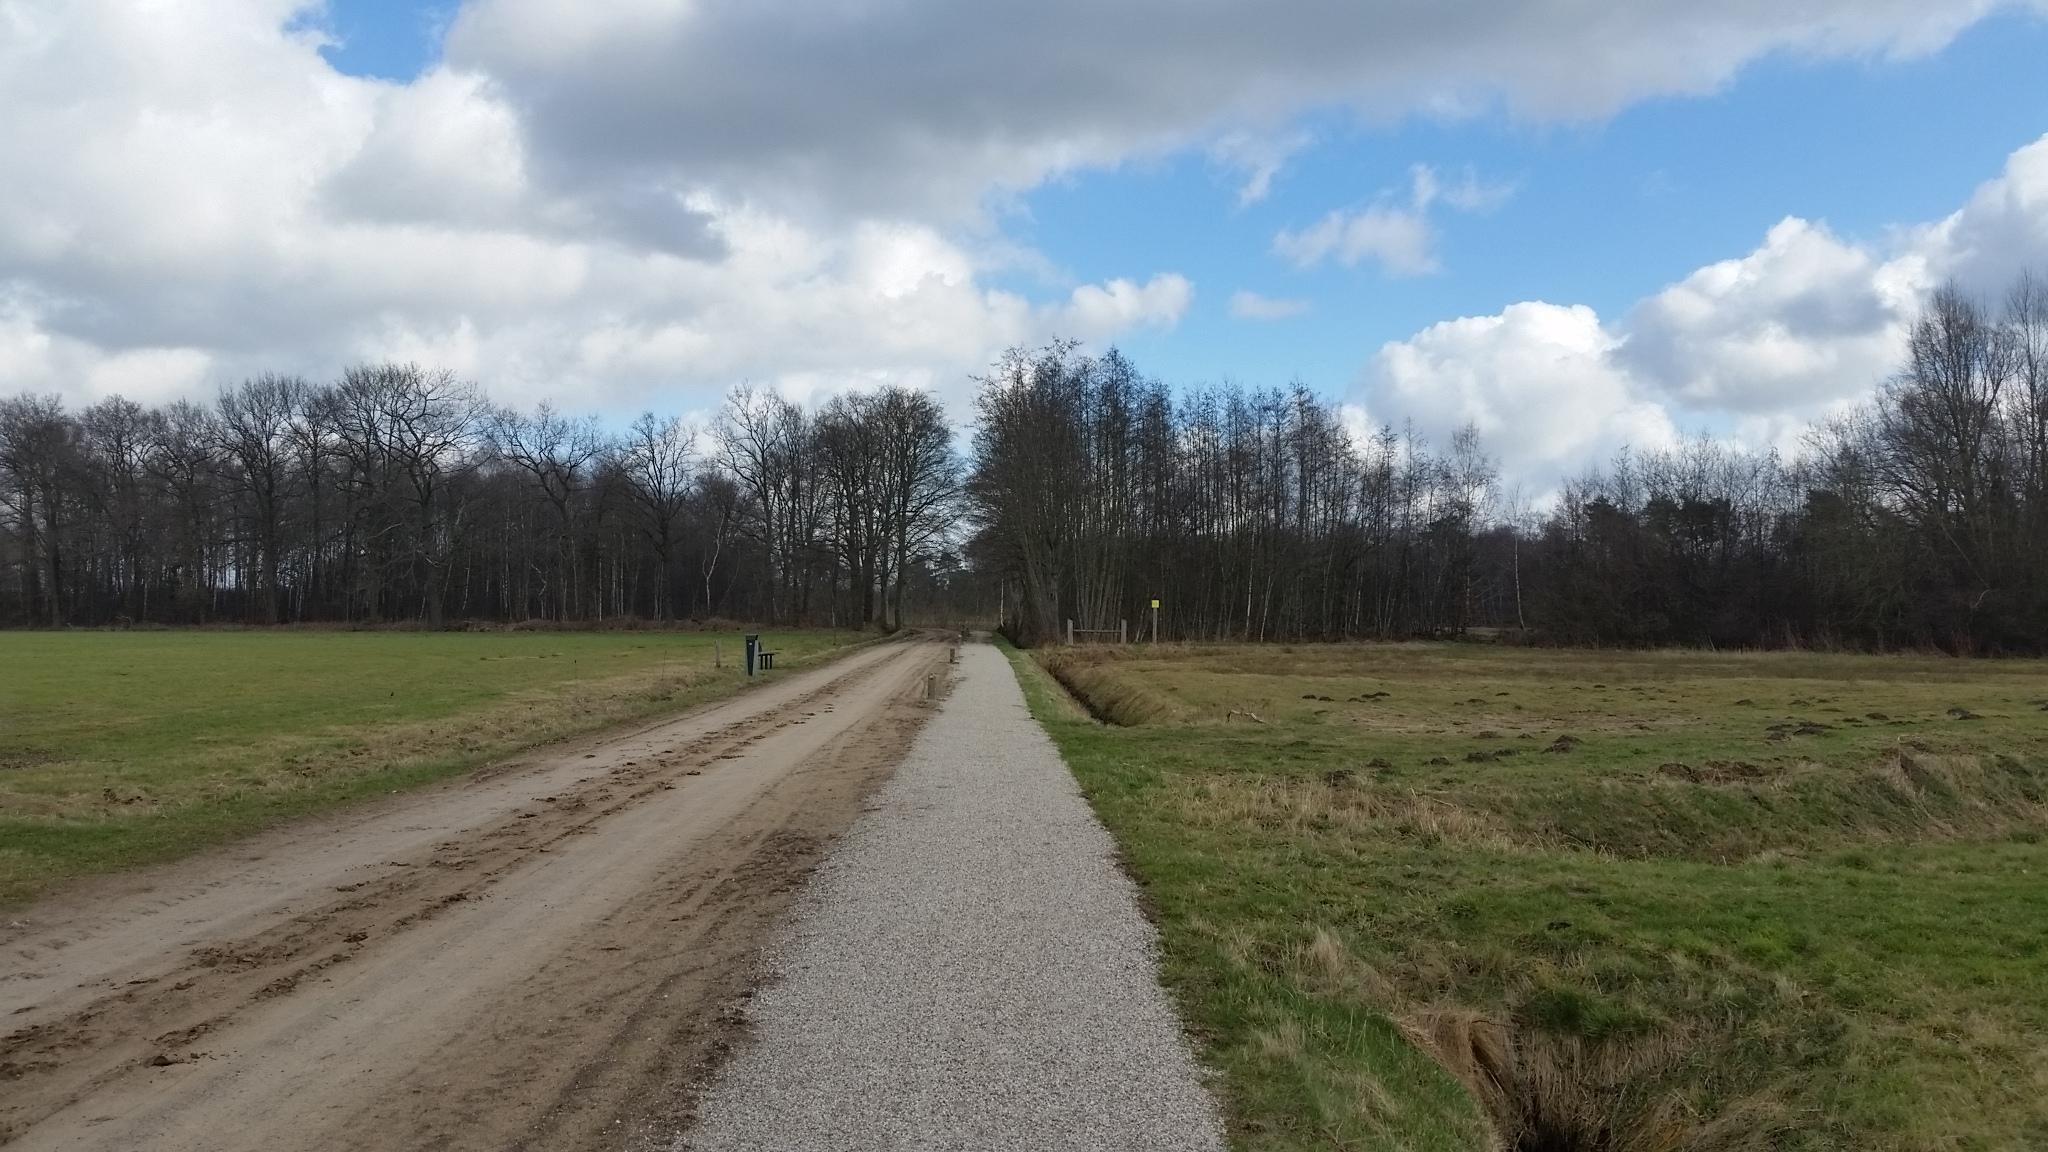 Kossinkweg